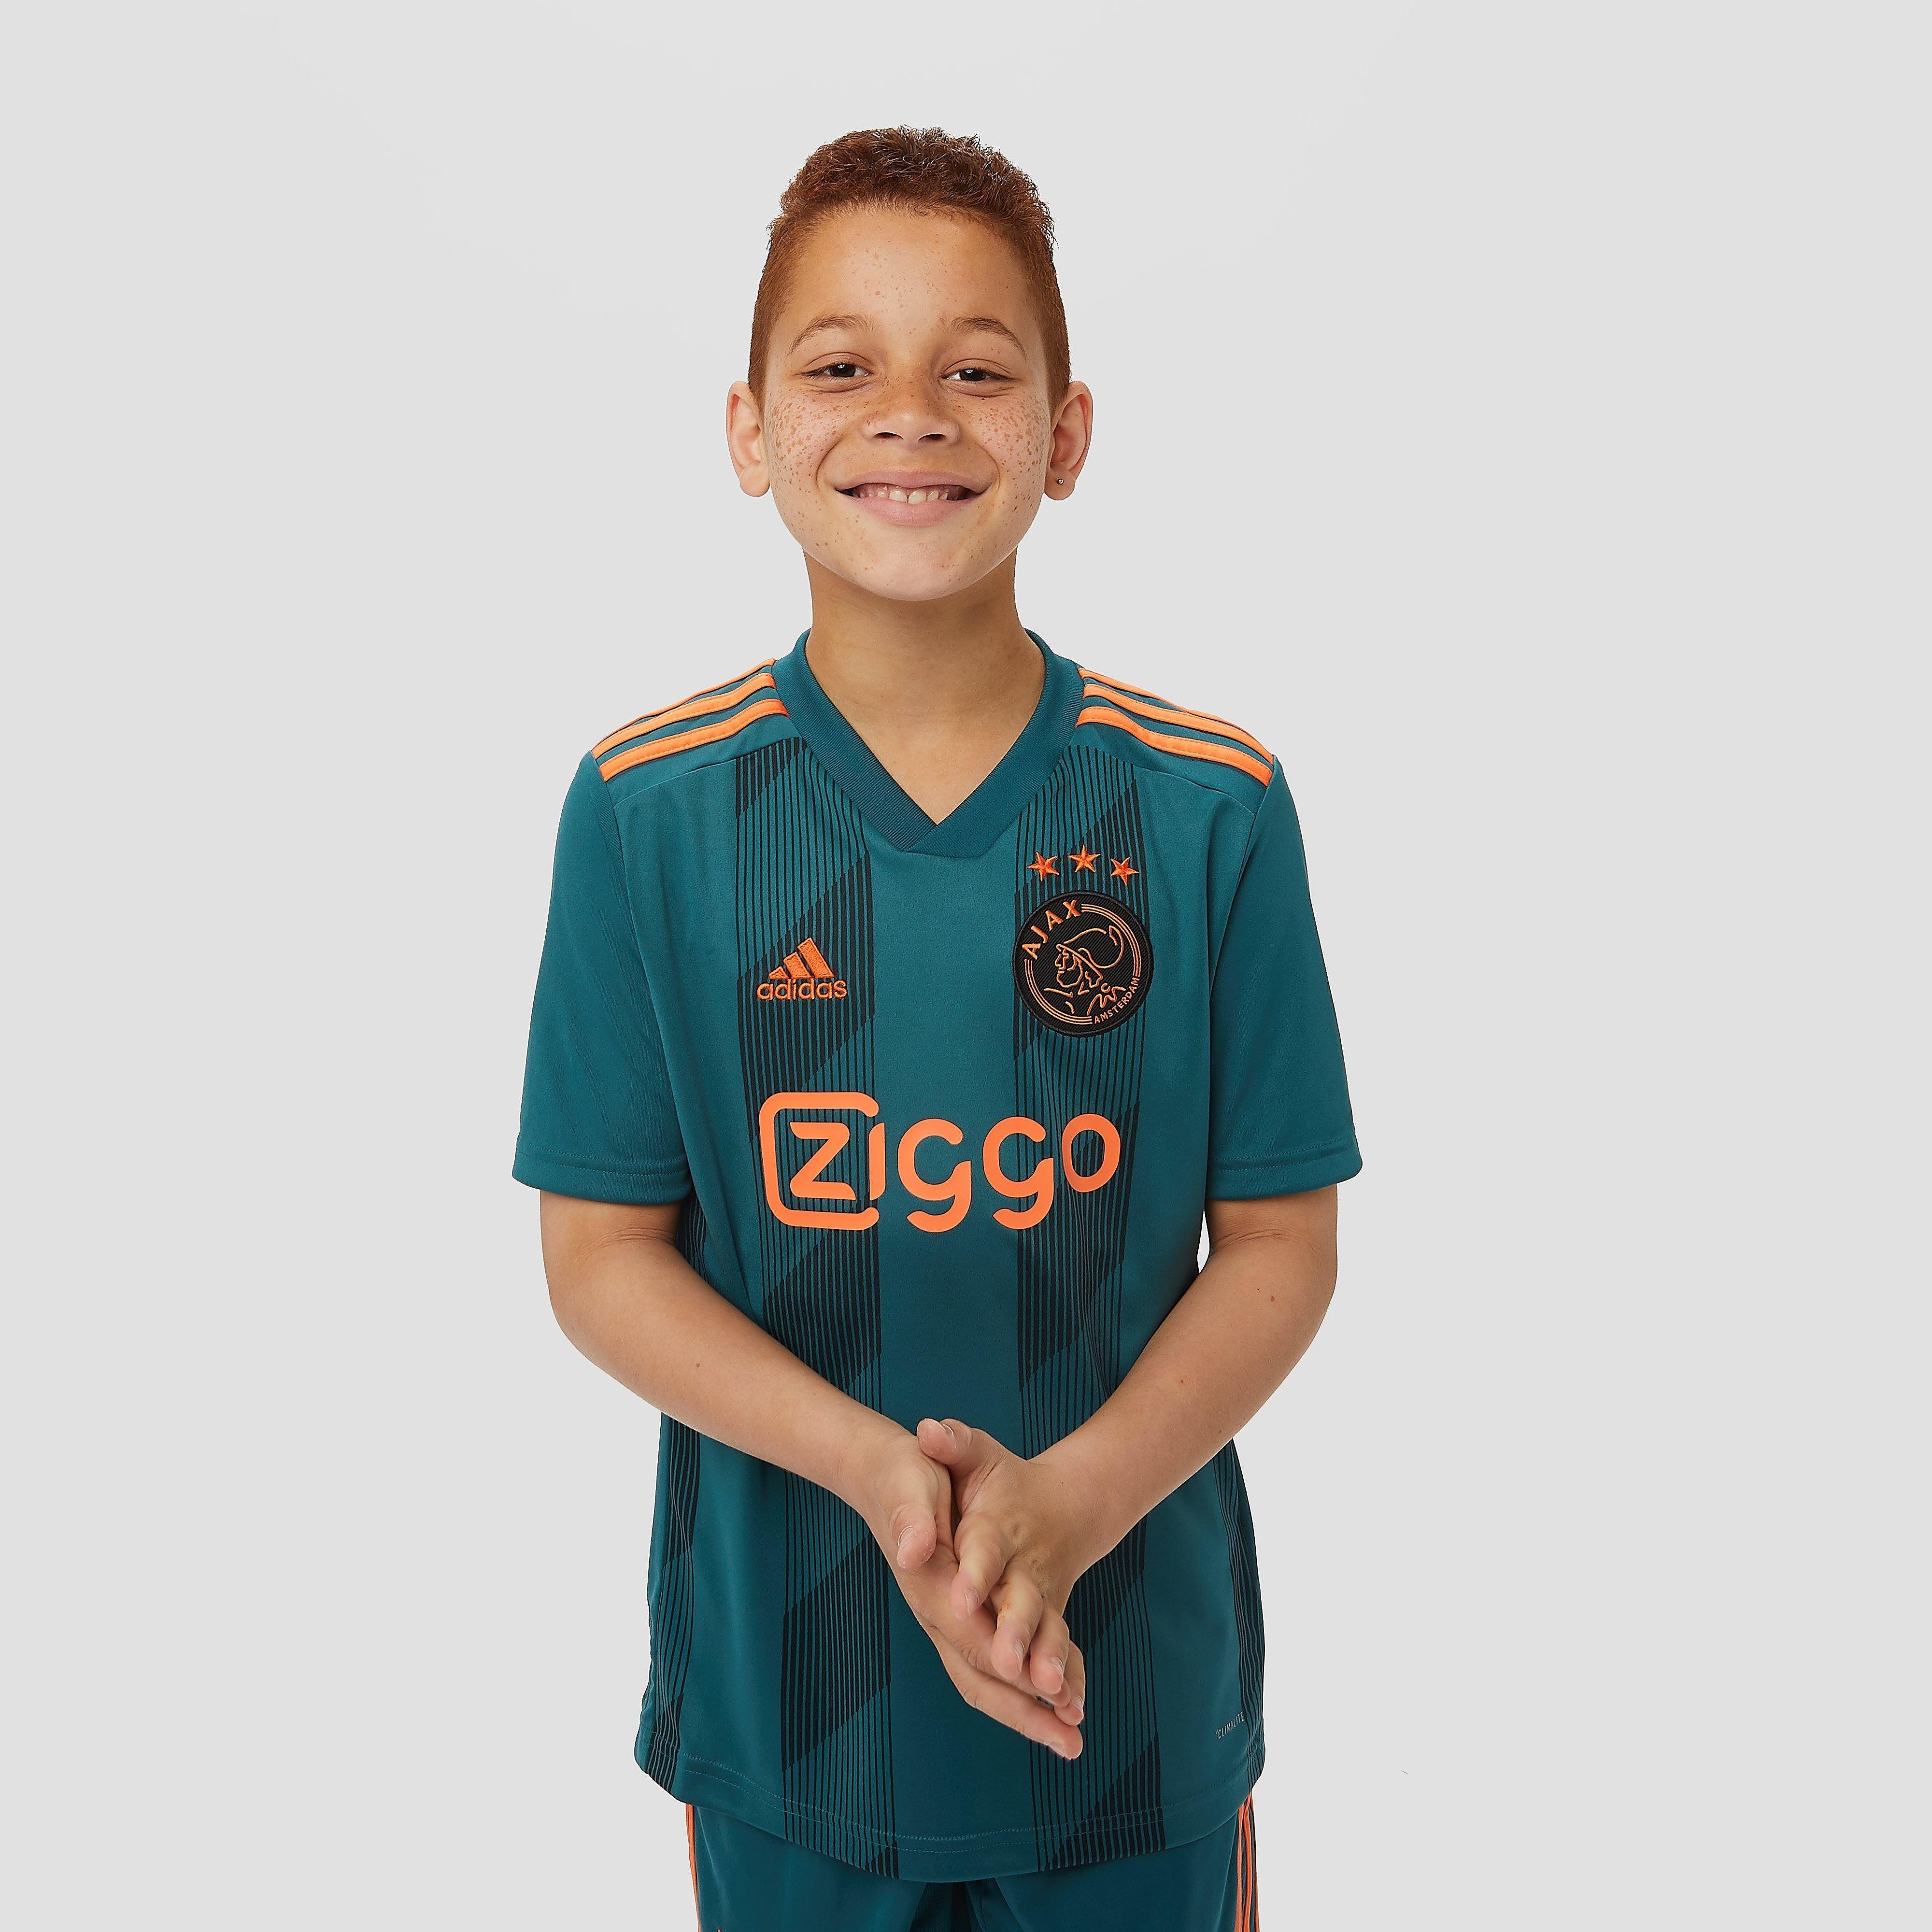 adidas Afc ajax uitshirt 19/20 groen kinderen Kinderen